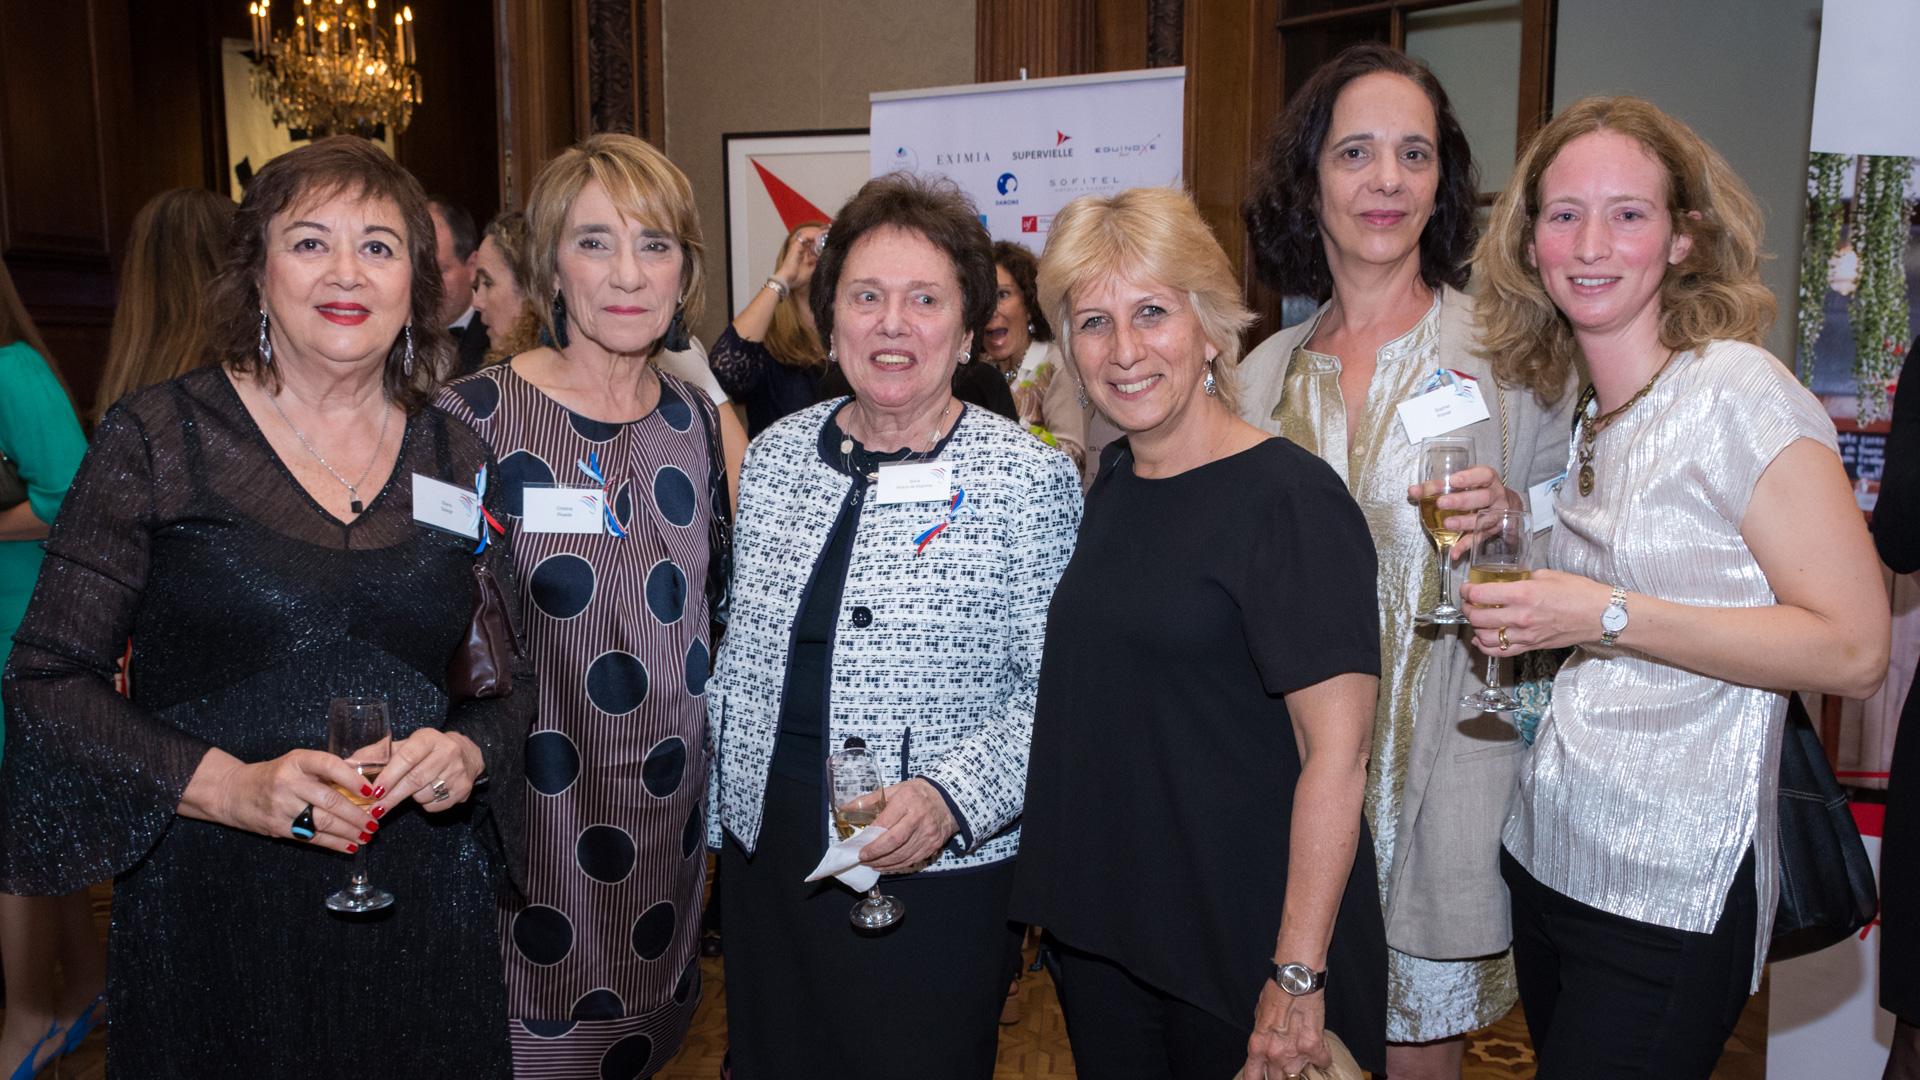 Diana Saiegh(Fundacion Konex)Cristina Piceda (Autora del premio Marianne); Silvia Hirisch de Dujovne (Arquitecta socia de Dujovne-Hirsch y asociados); Patricia Pellegrini Haas (directora Creciendo Mega Baby Store), Sophie Pomar (fundadora y editora de Elliot&Pomar Libros) y Céline Mignot (socia de Ba75)